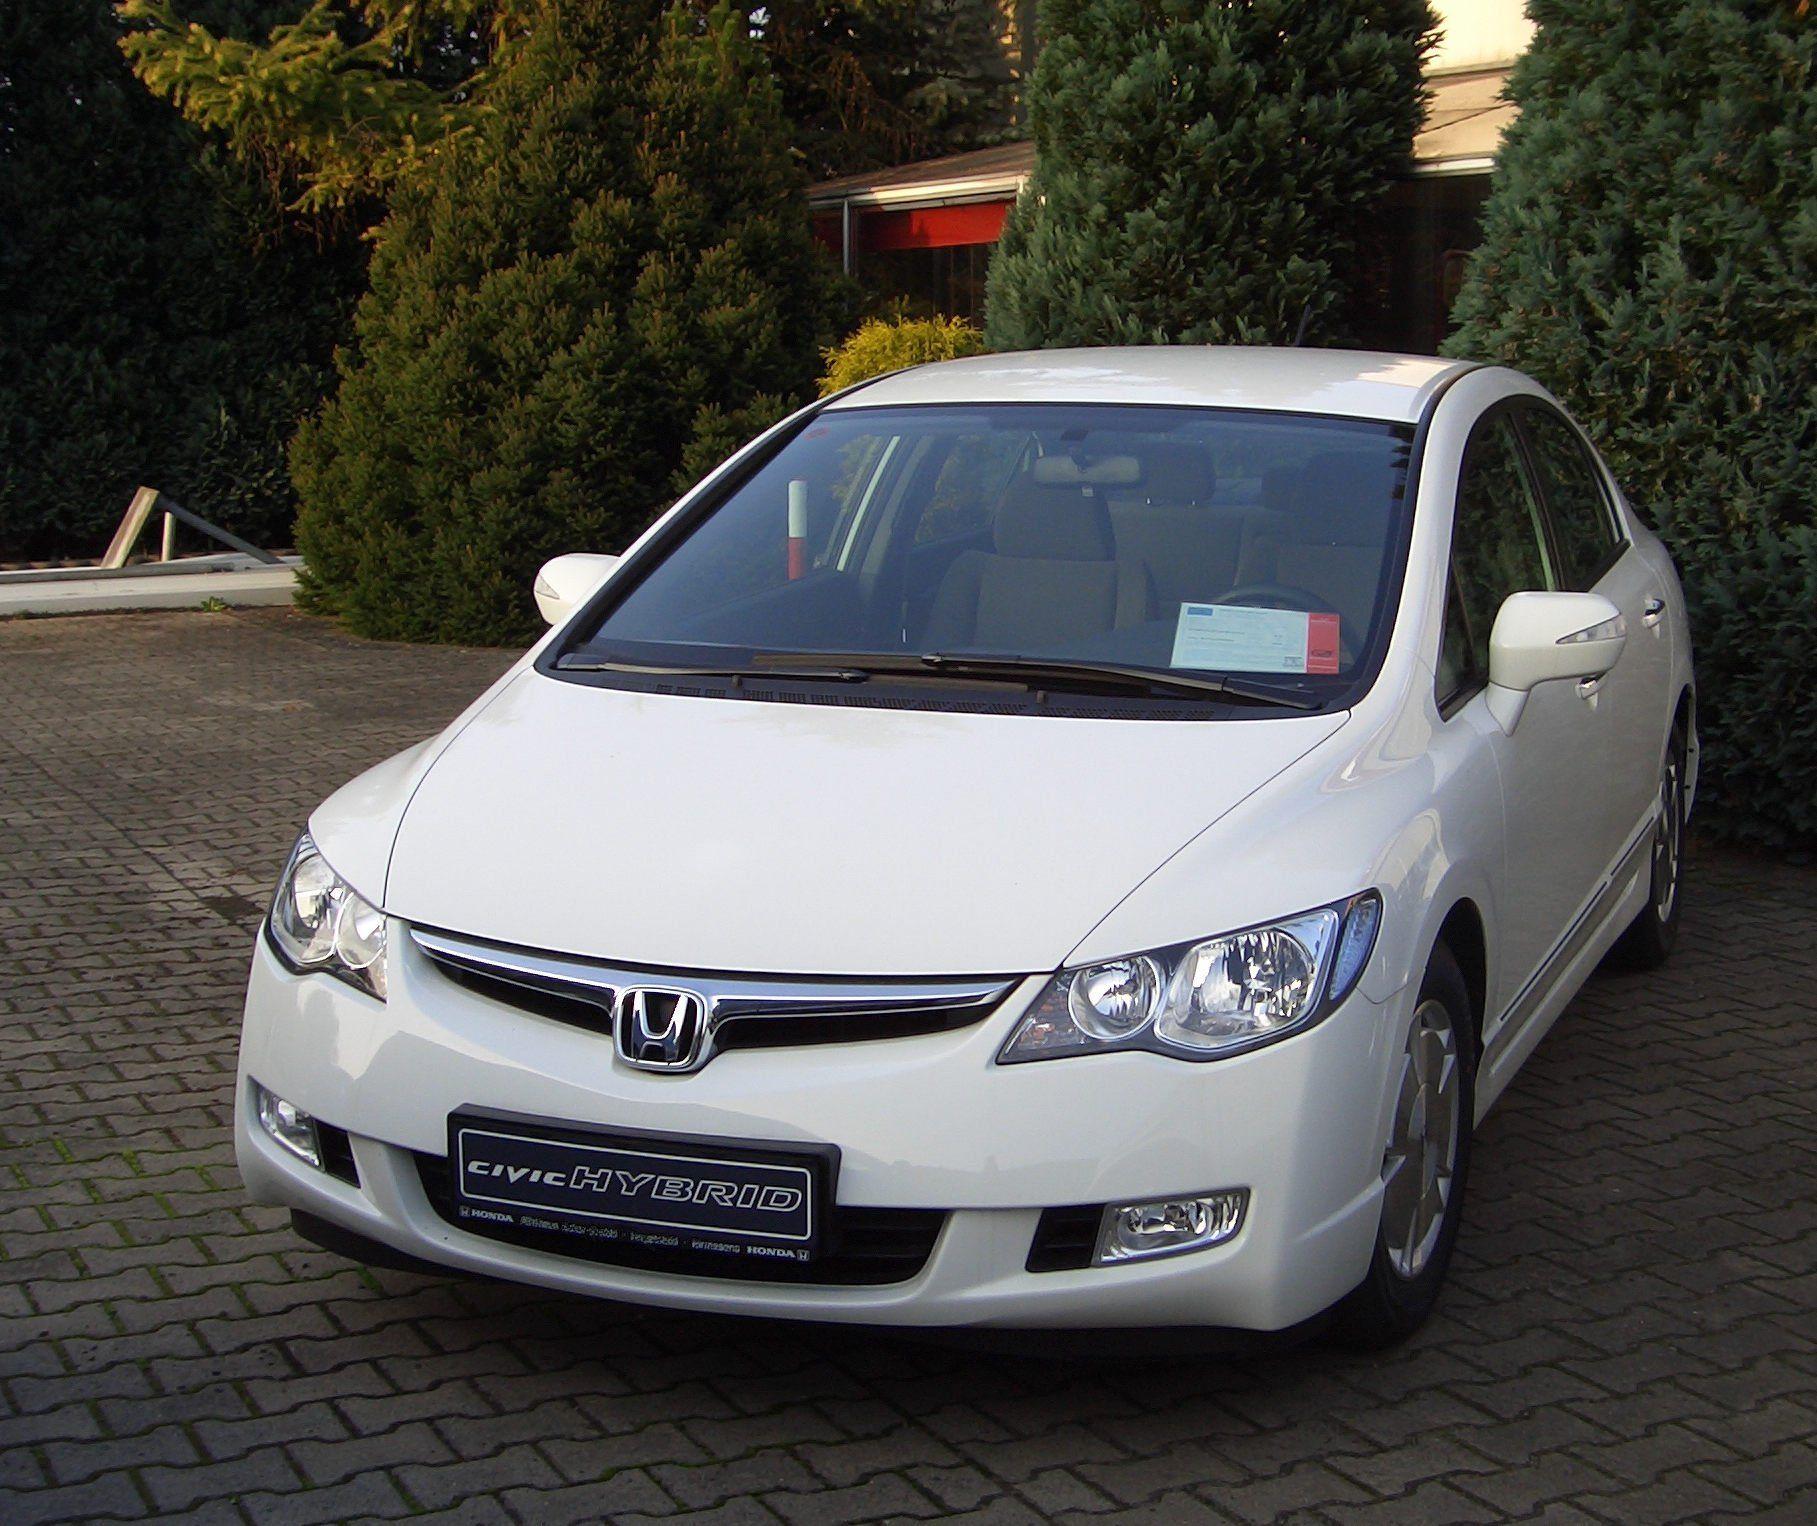 Honda Civic Hybrid | Honda | Pinterest | Honda civic hybrid, Honda ...